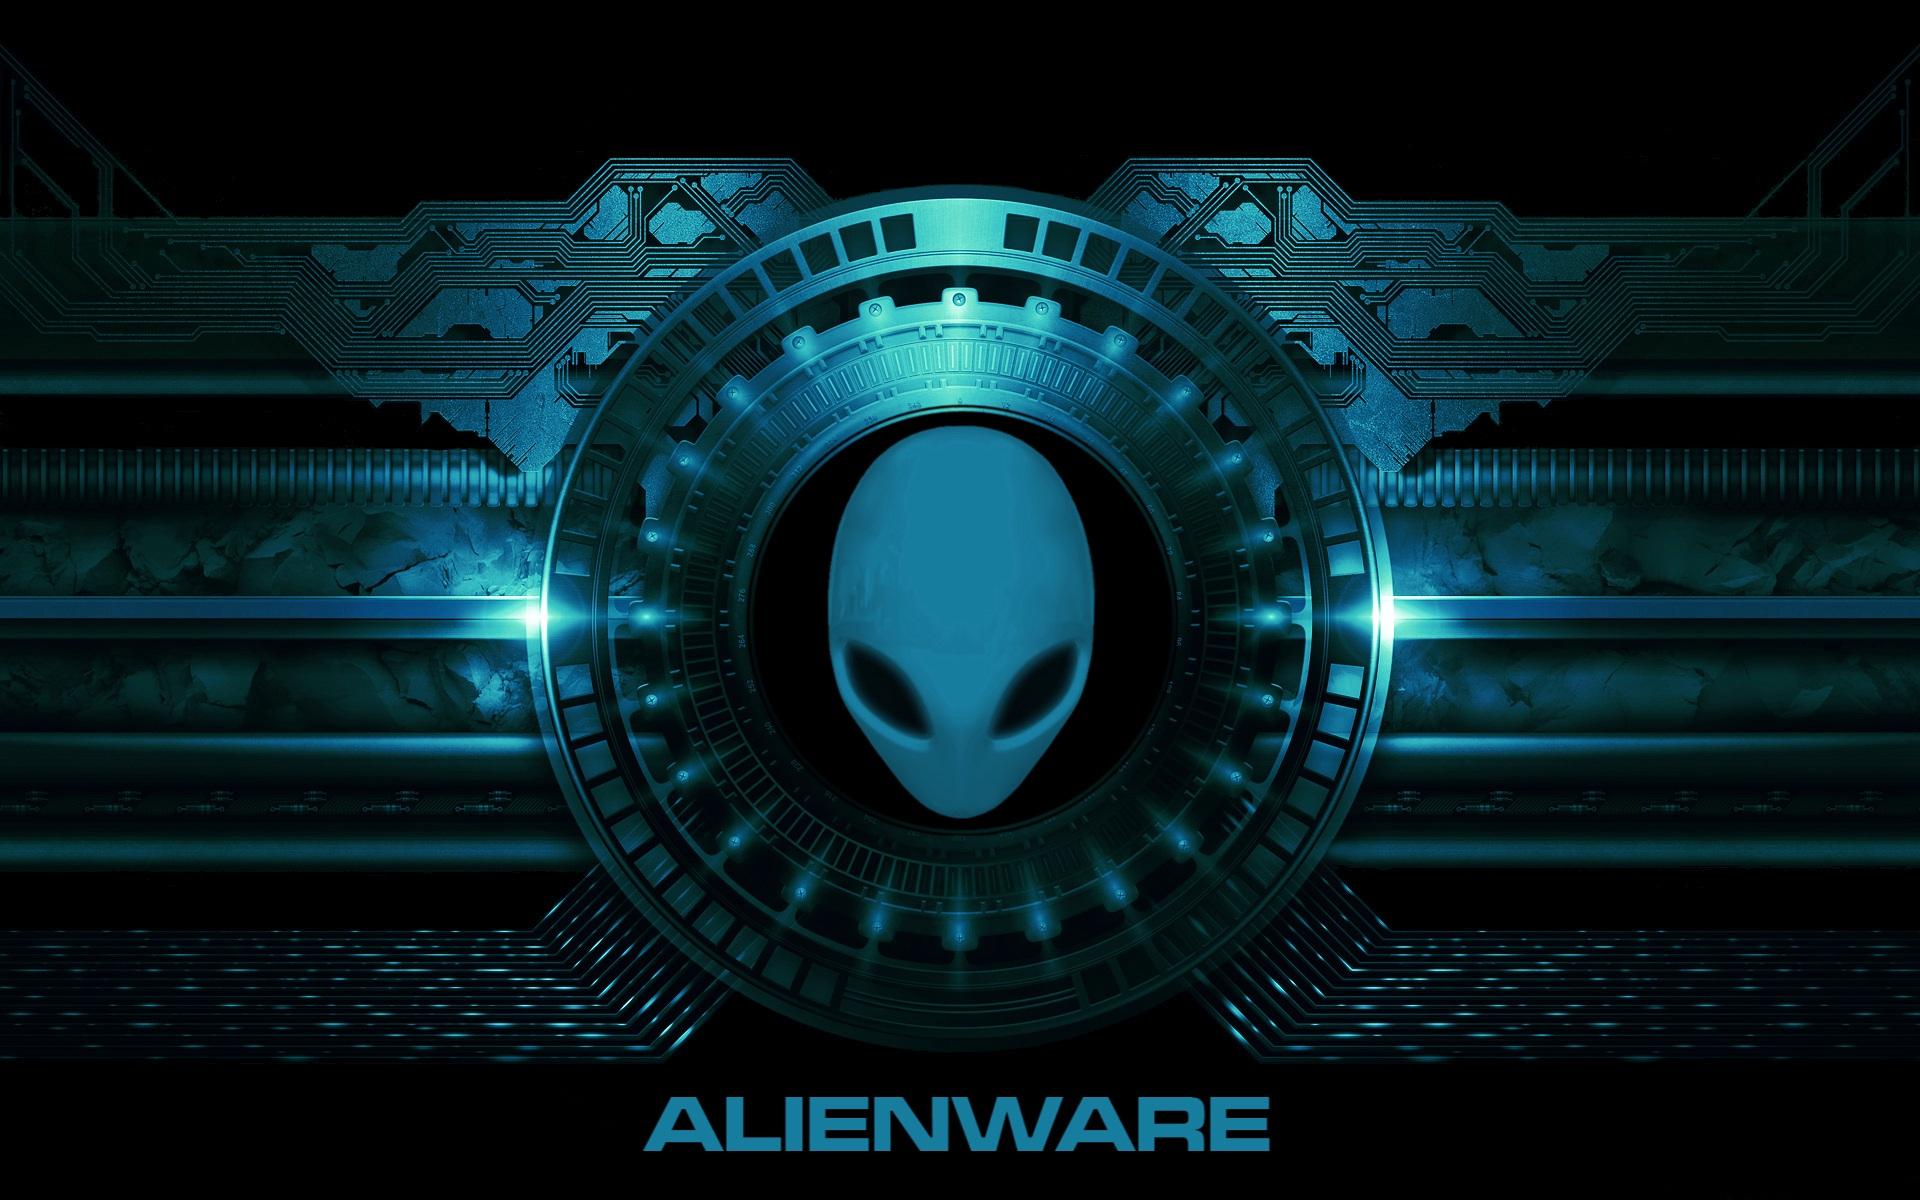 Alienware Wallpaper Windows 10 Wallpaper Alienware